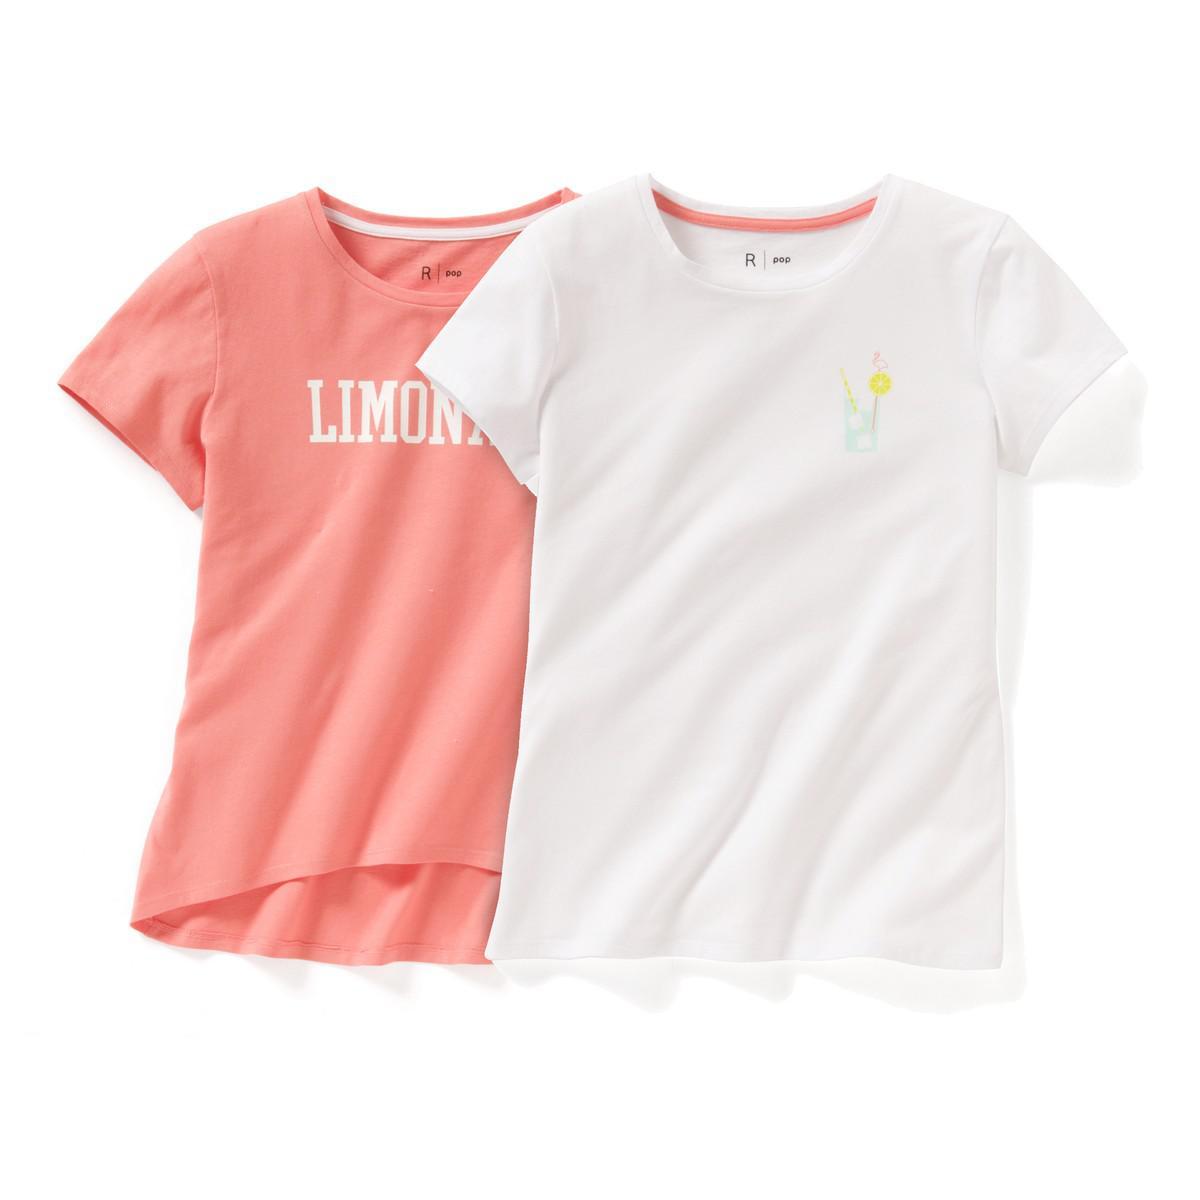 77ea8fcf849d Lyst - La Redoute Pack Of 2 Crew Neck T-shirts